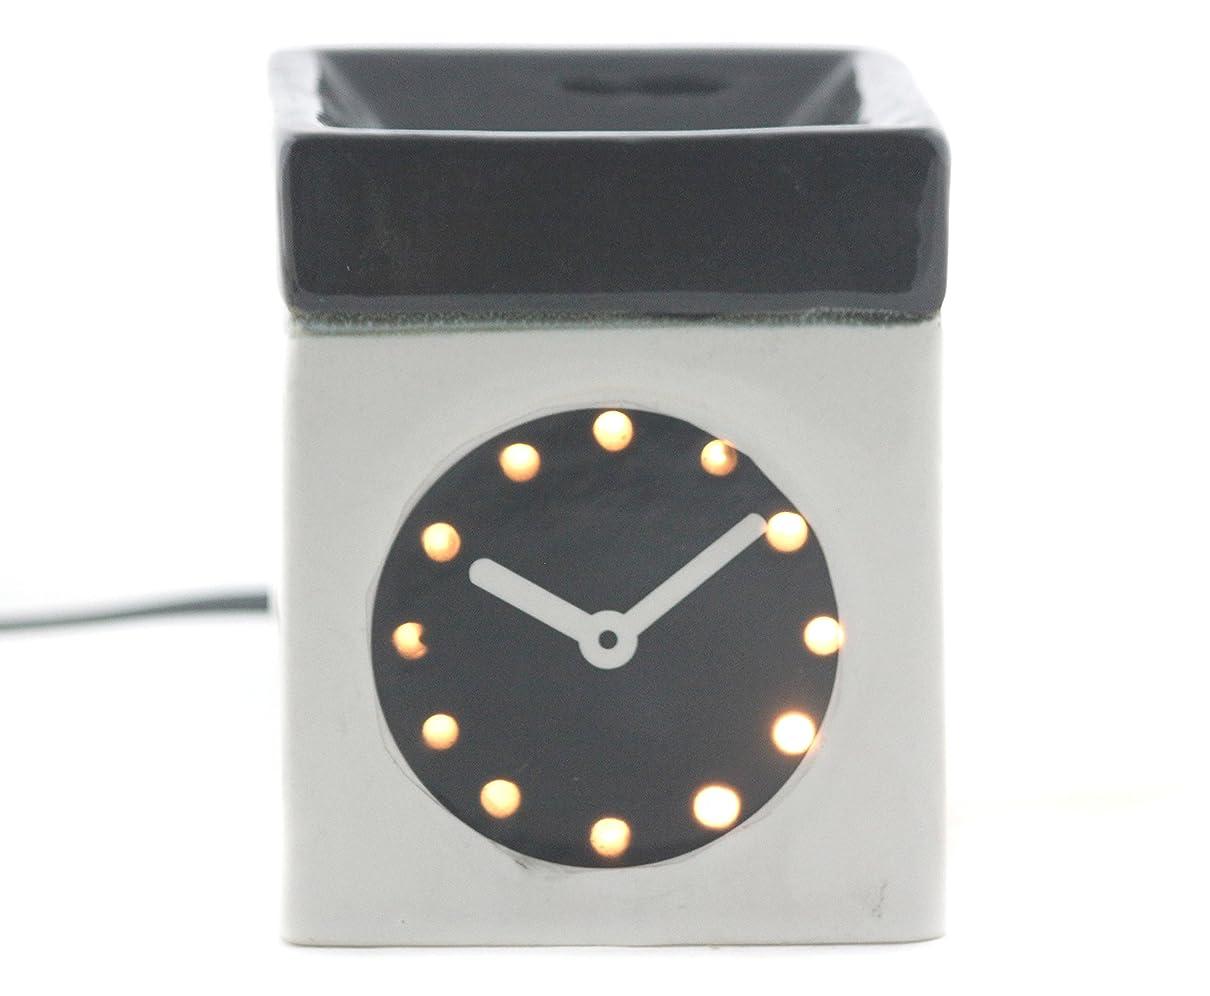 ジャーナル独特の地下鉄Karguzzari セラミック 電気 アロマディフューザー ワイヤー オイルウォーマー ディスペンサー コード付き アロマ オイルバーナー エッセンシャルオイル ディフューザー アロマセラピー ランプ 腕時計 OCER-105